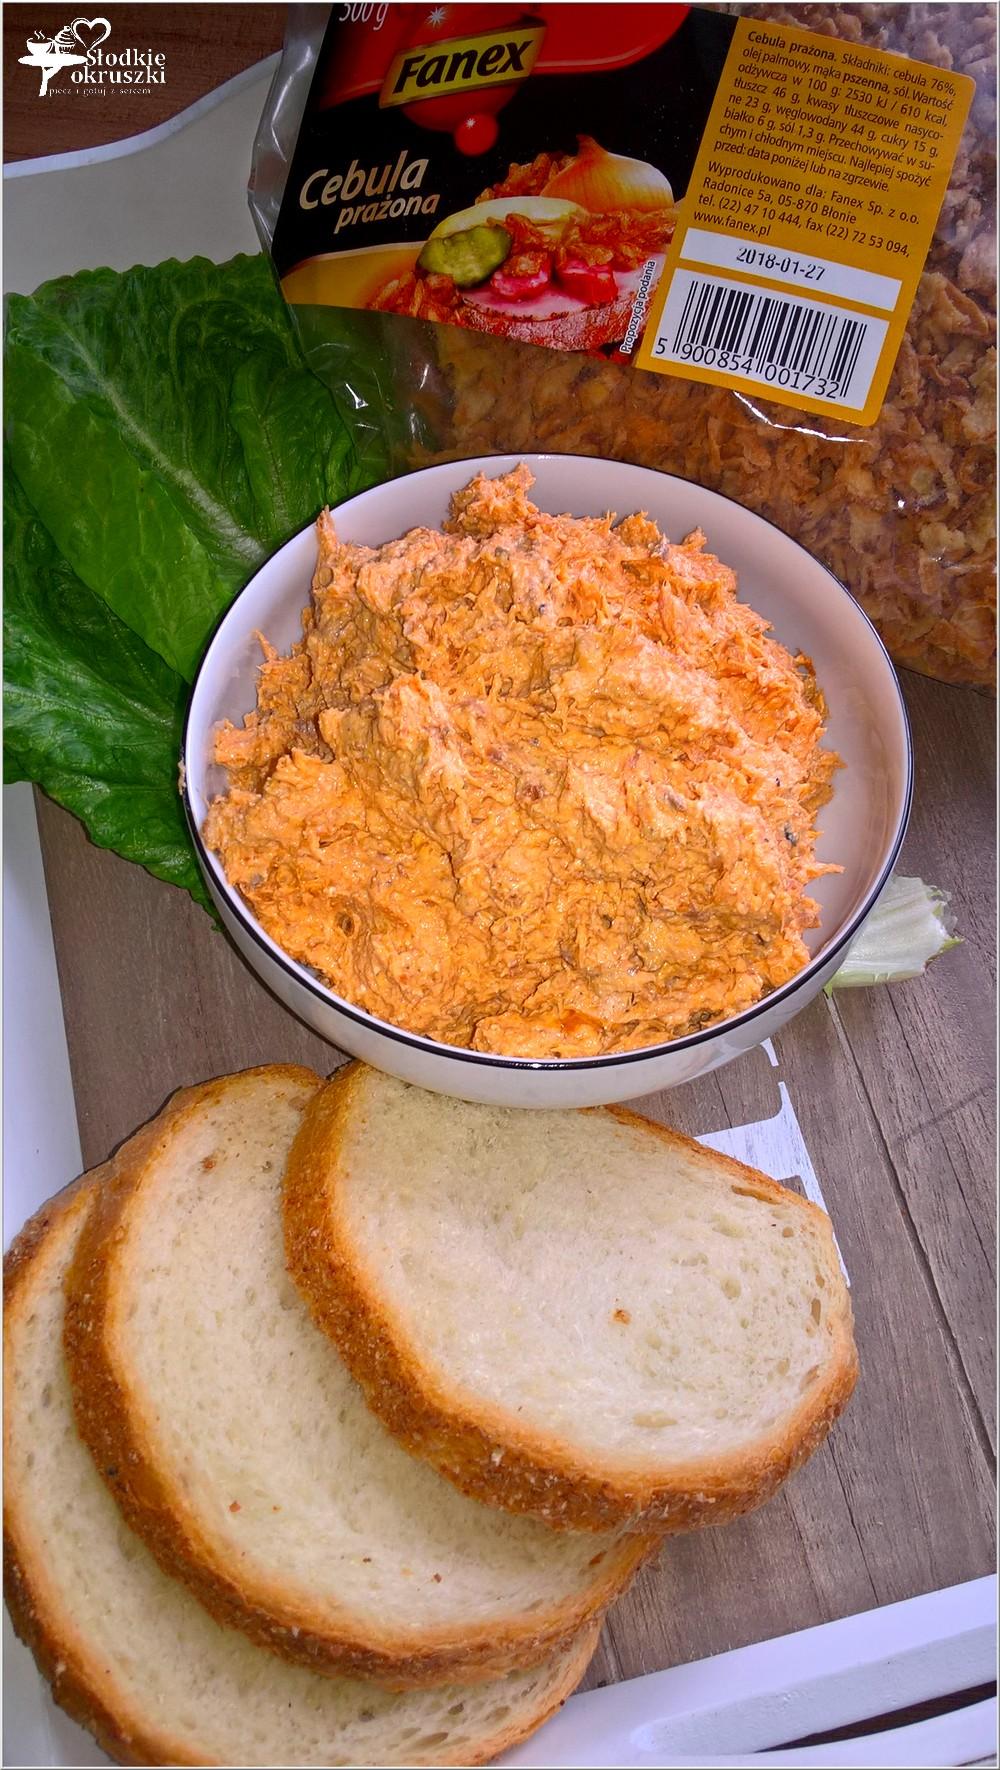 Rybna kremowa pasta kanapkowa z prażoną cebulką (1)